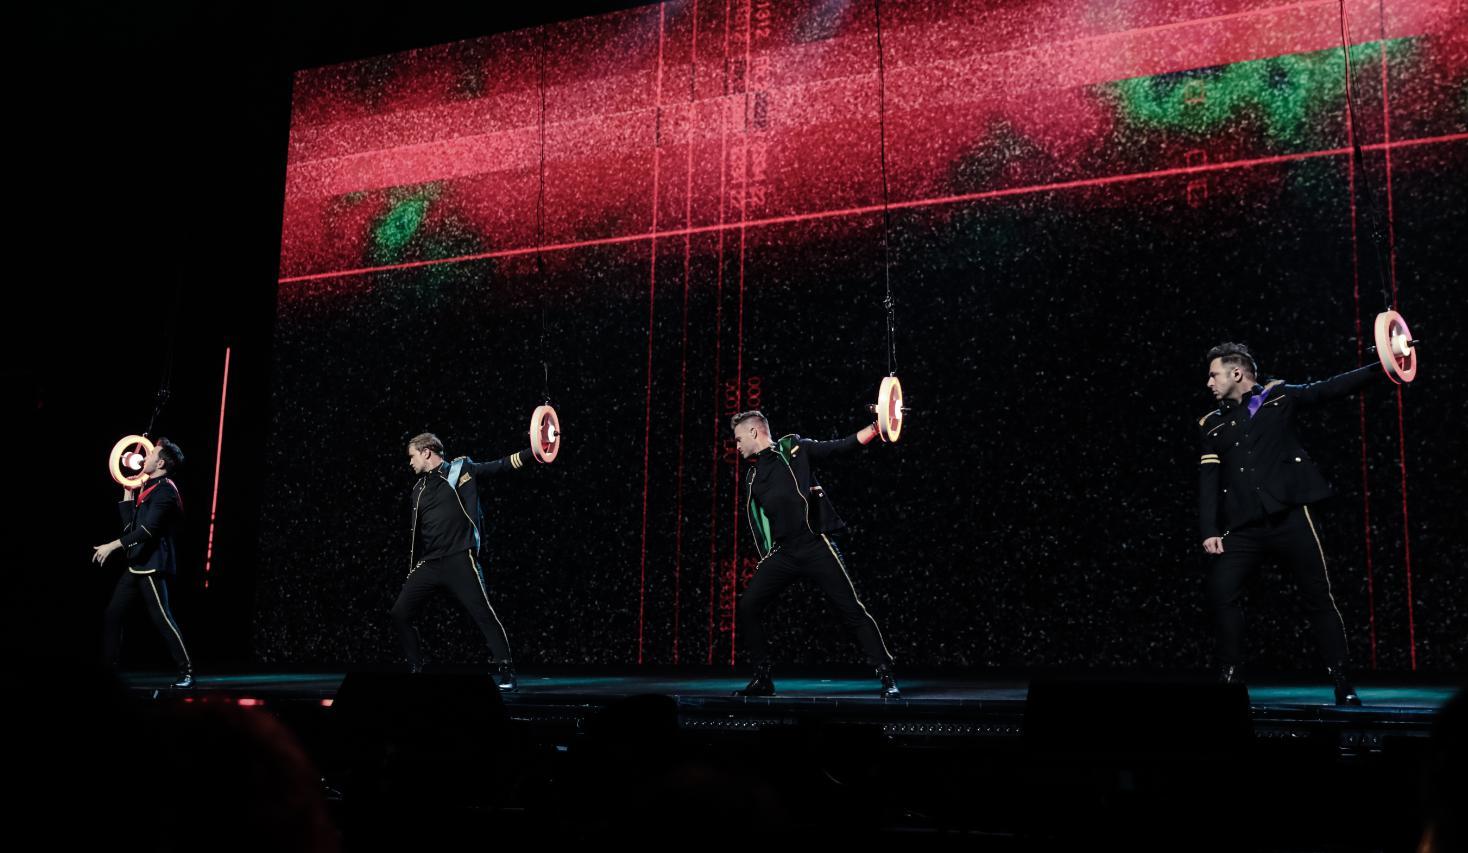 7月23日13:38開票!西城男孩20周年巡演8月北京開唱,等你一起燃爆盛夏!